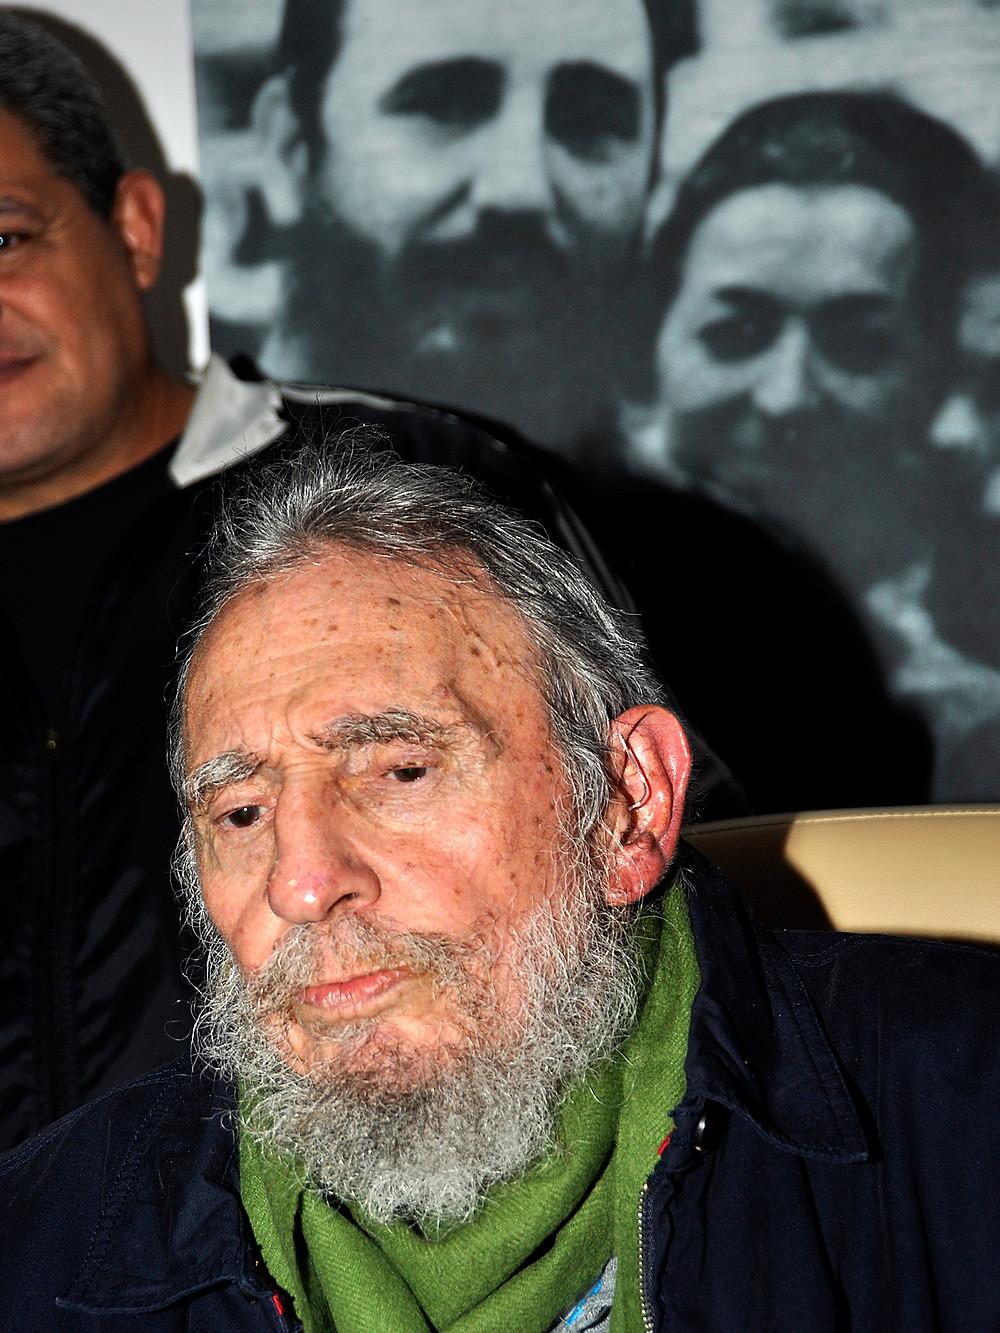 Foto: Estudio Revolución/ Cubadebate (08/01/2014)